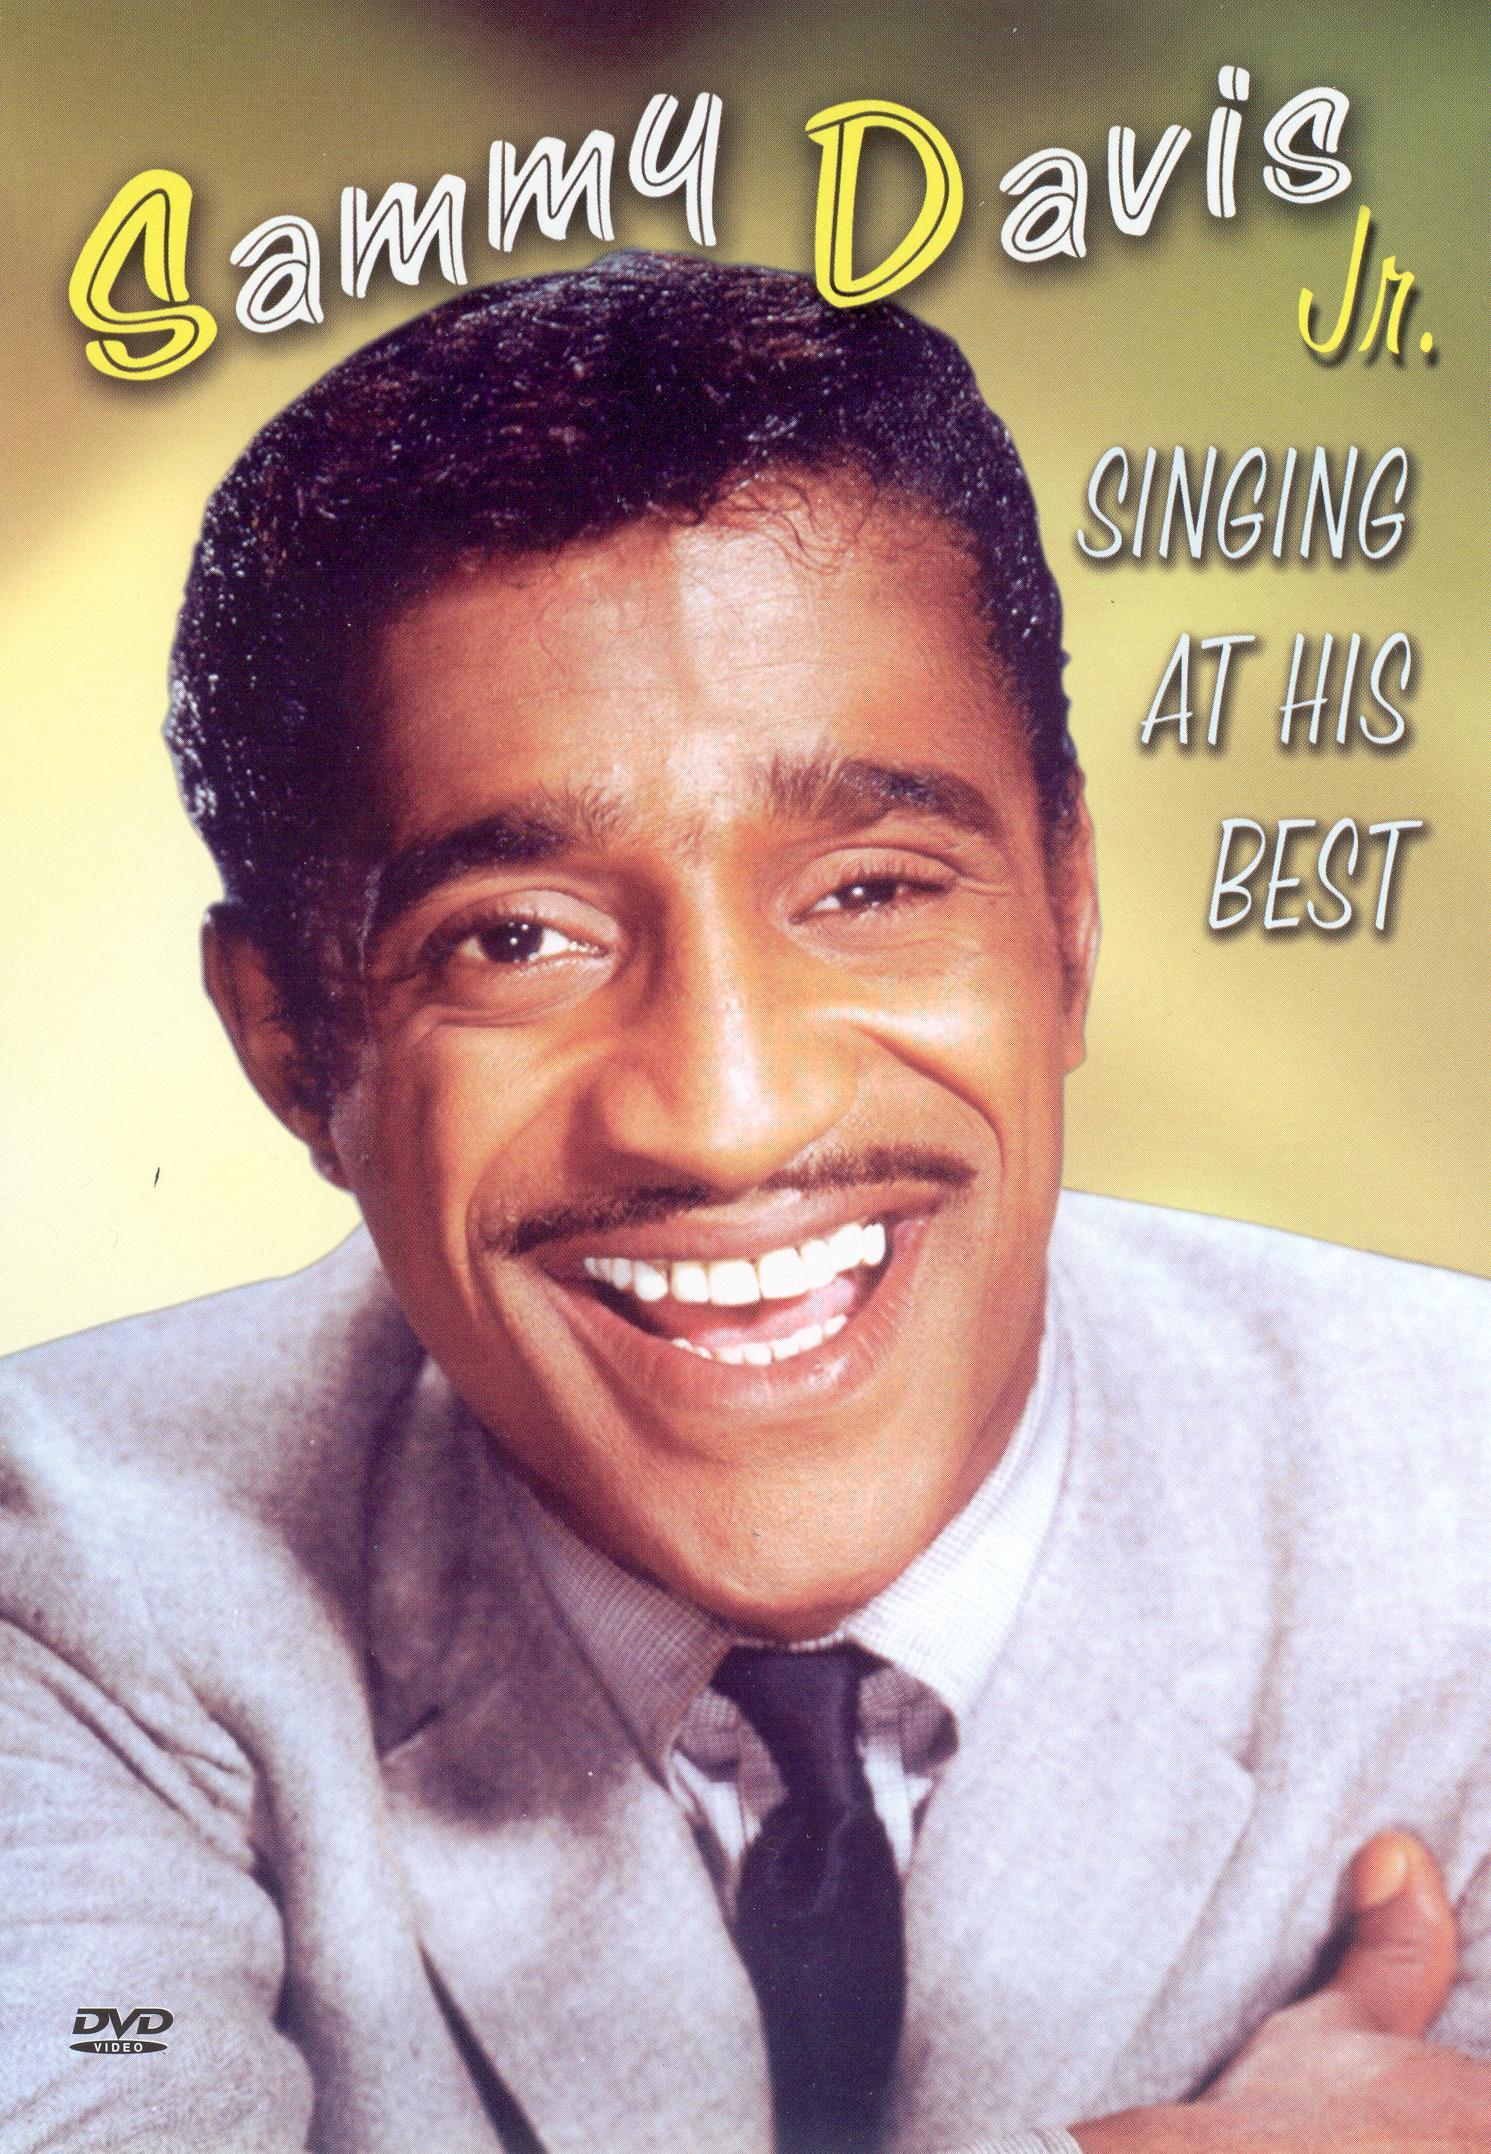 Sammy Davis, Jr.: Singing at His Best